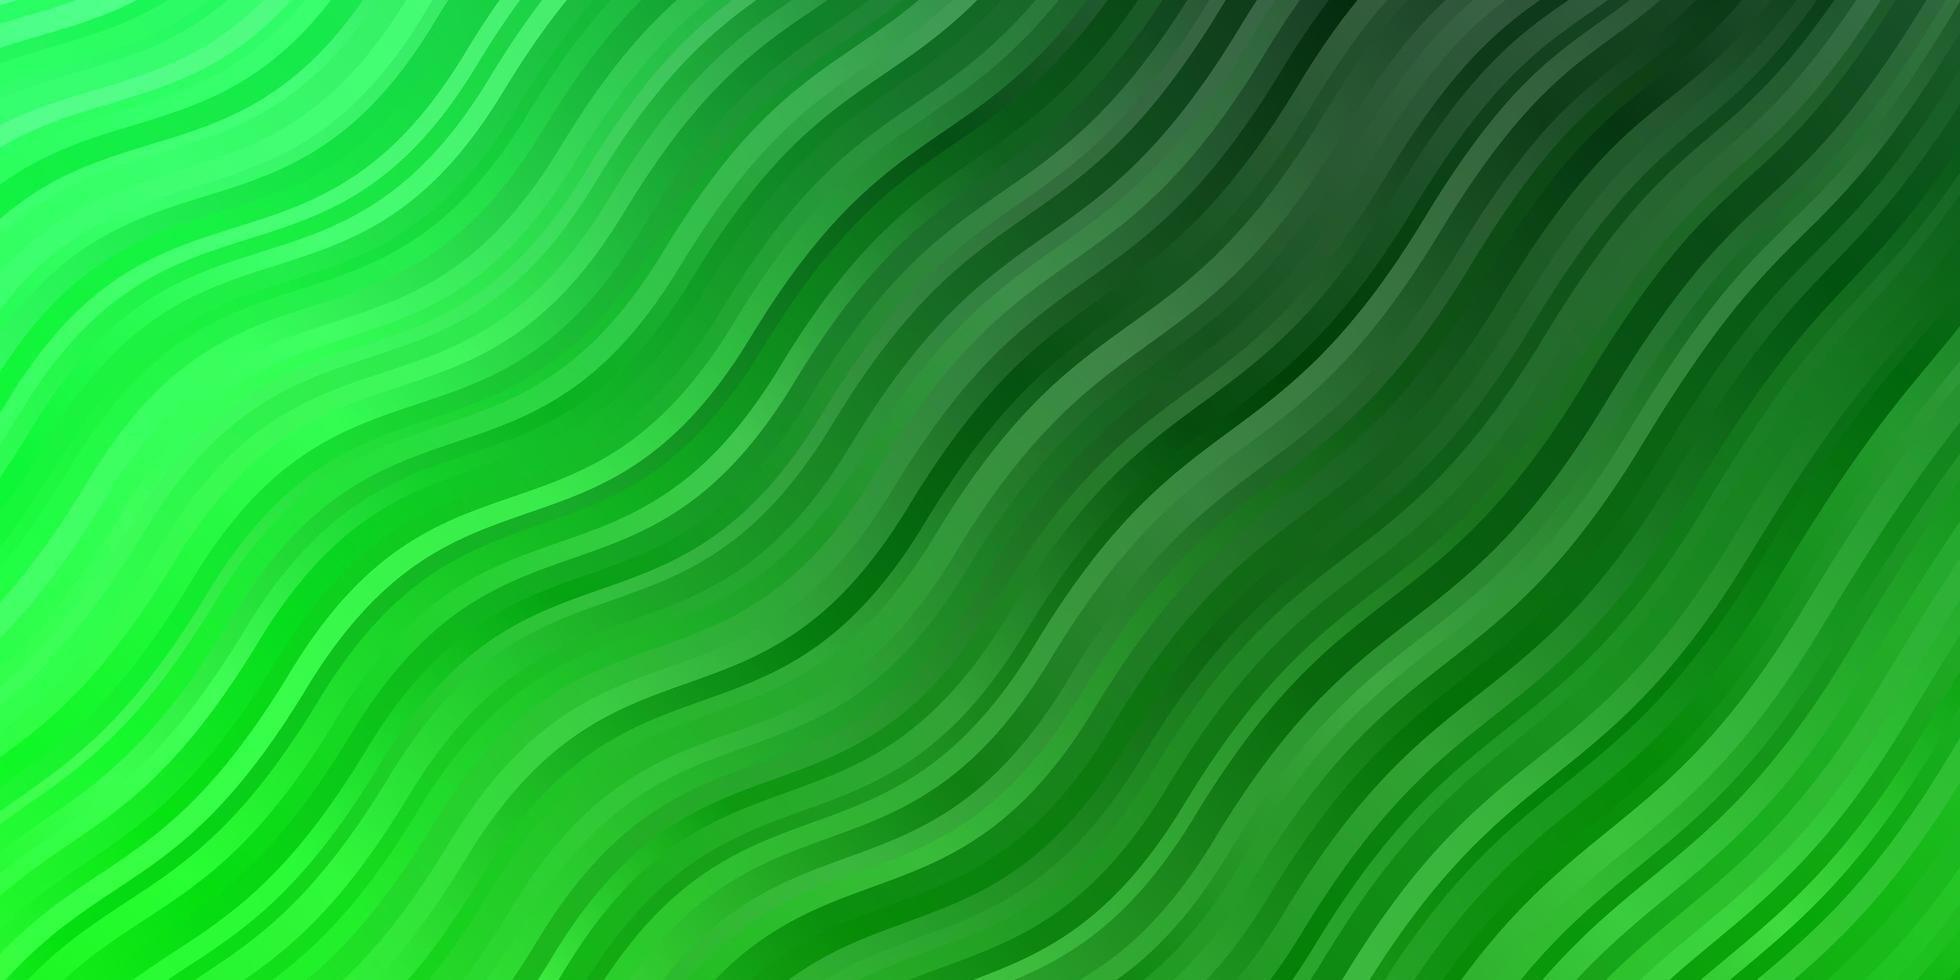 modello vettoriale verde scuro con curve.